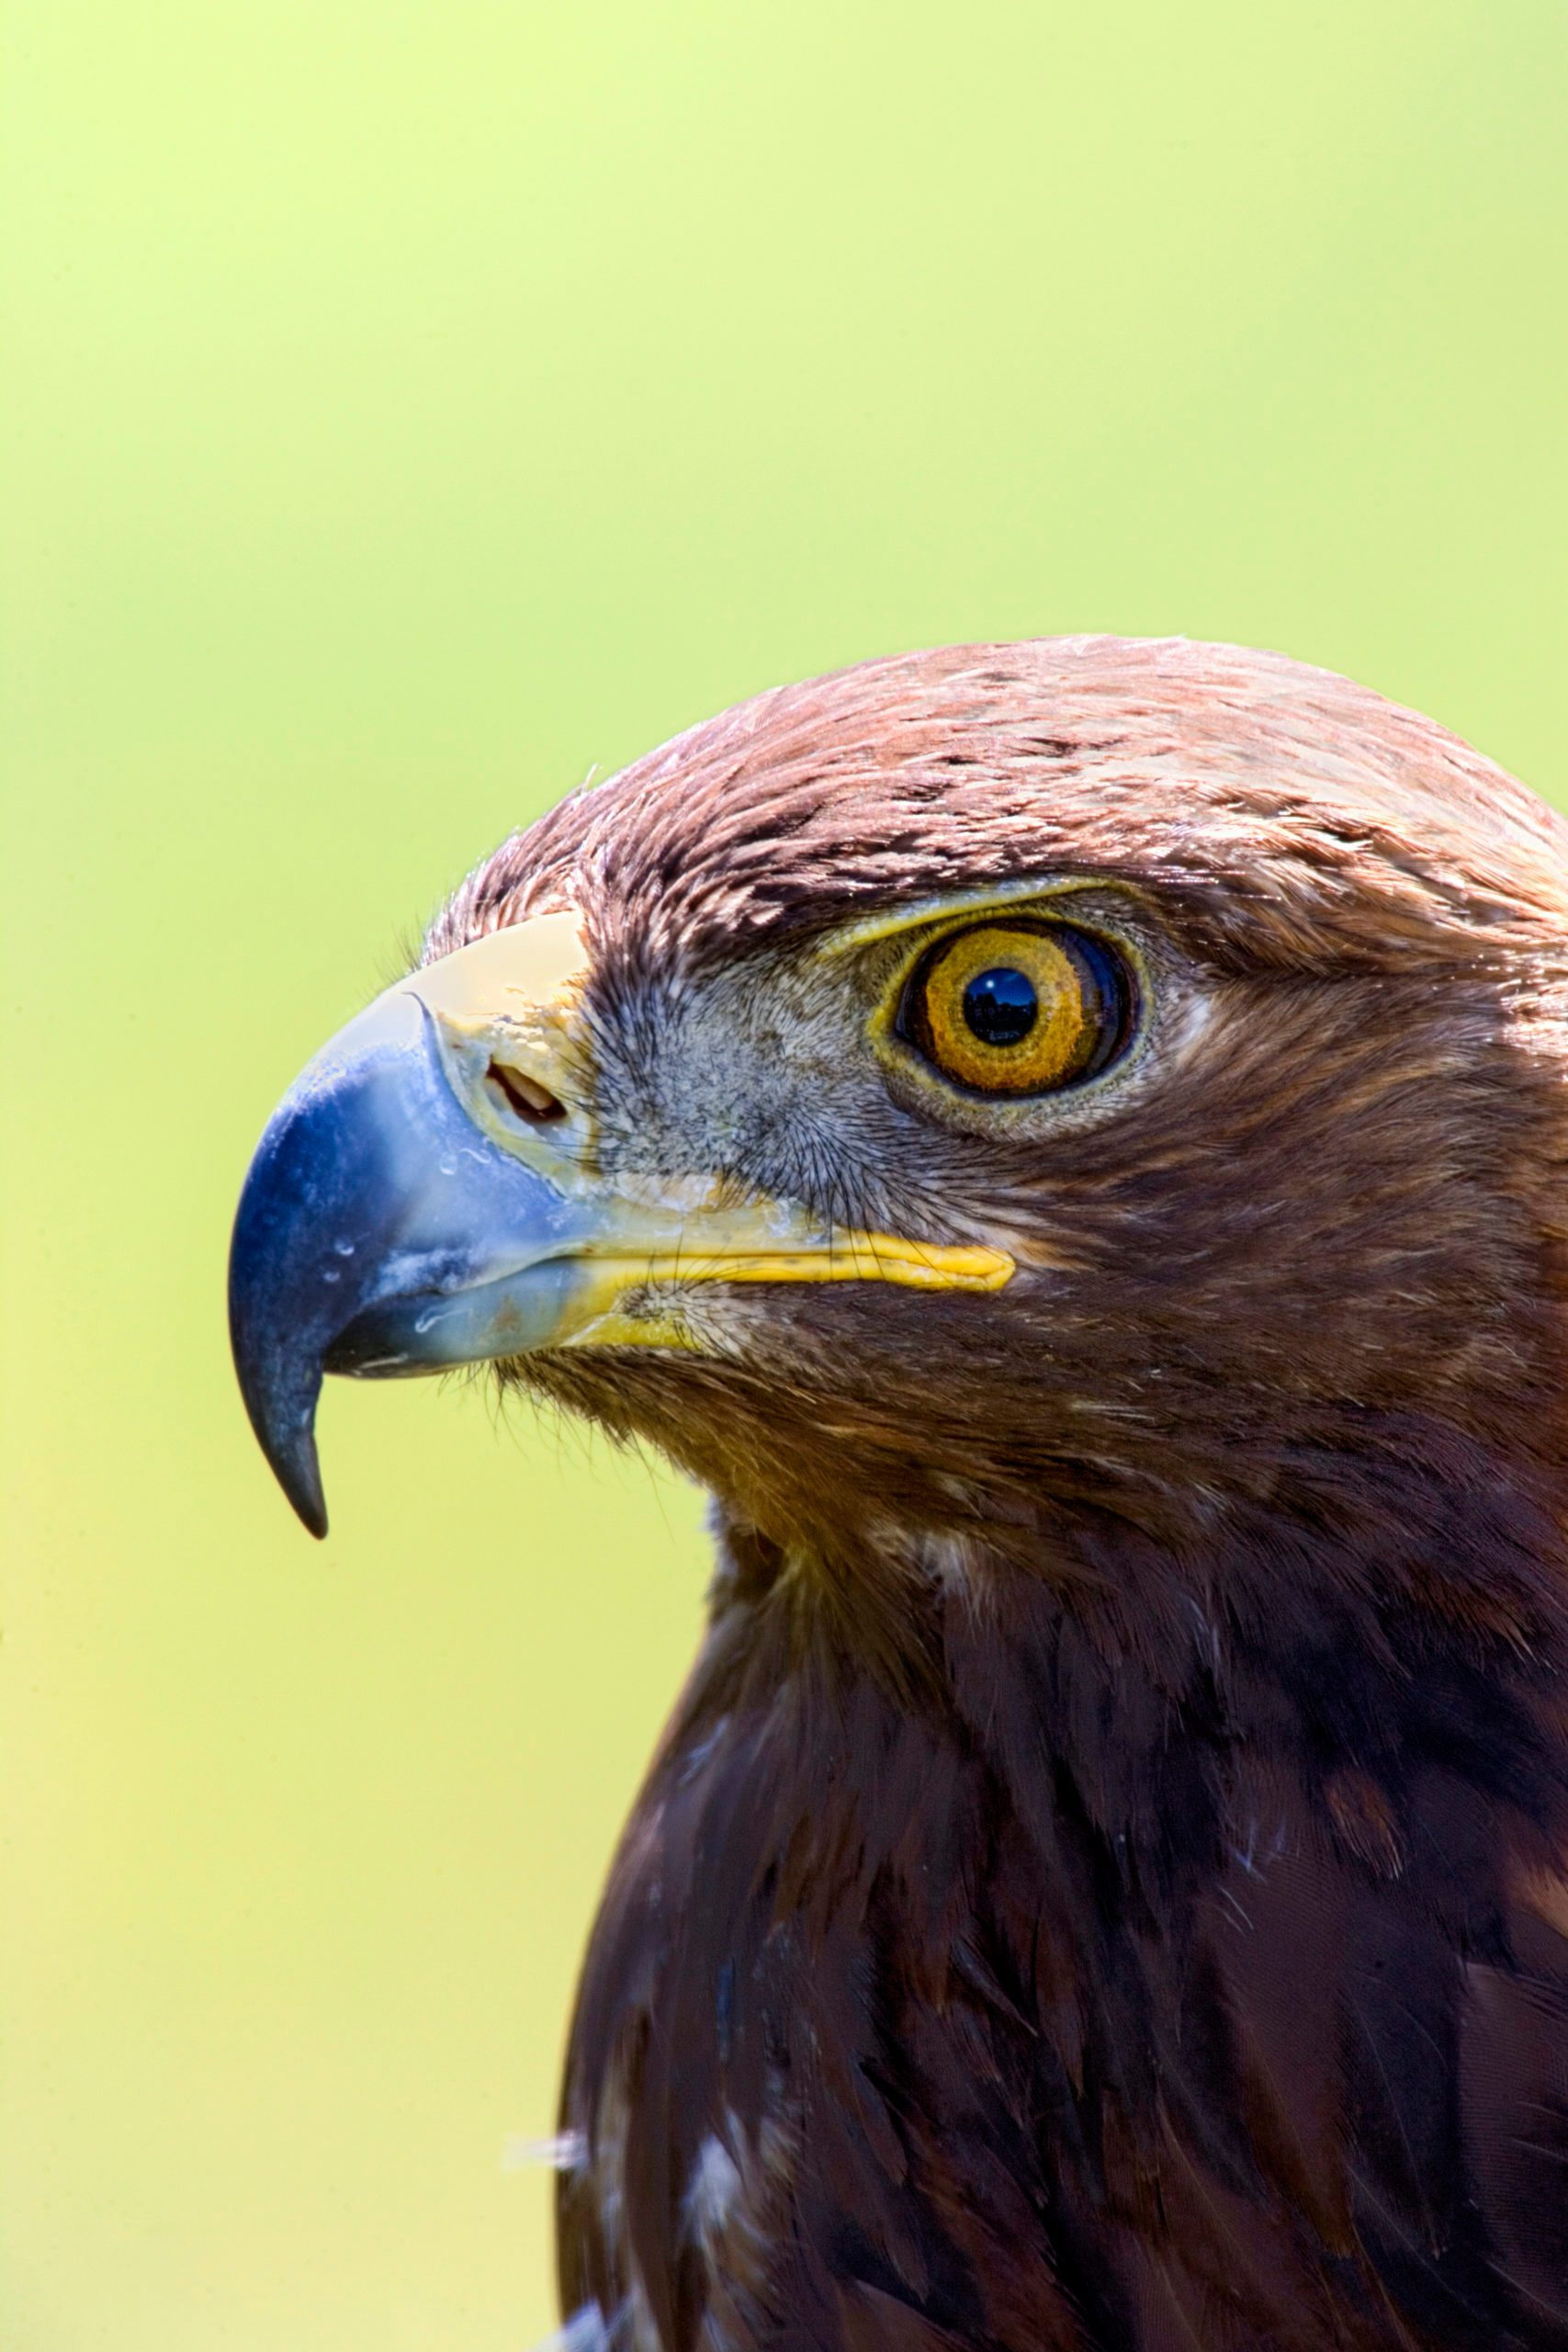 A closeup of a golden eagle.